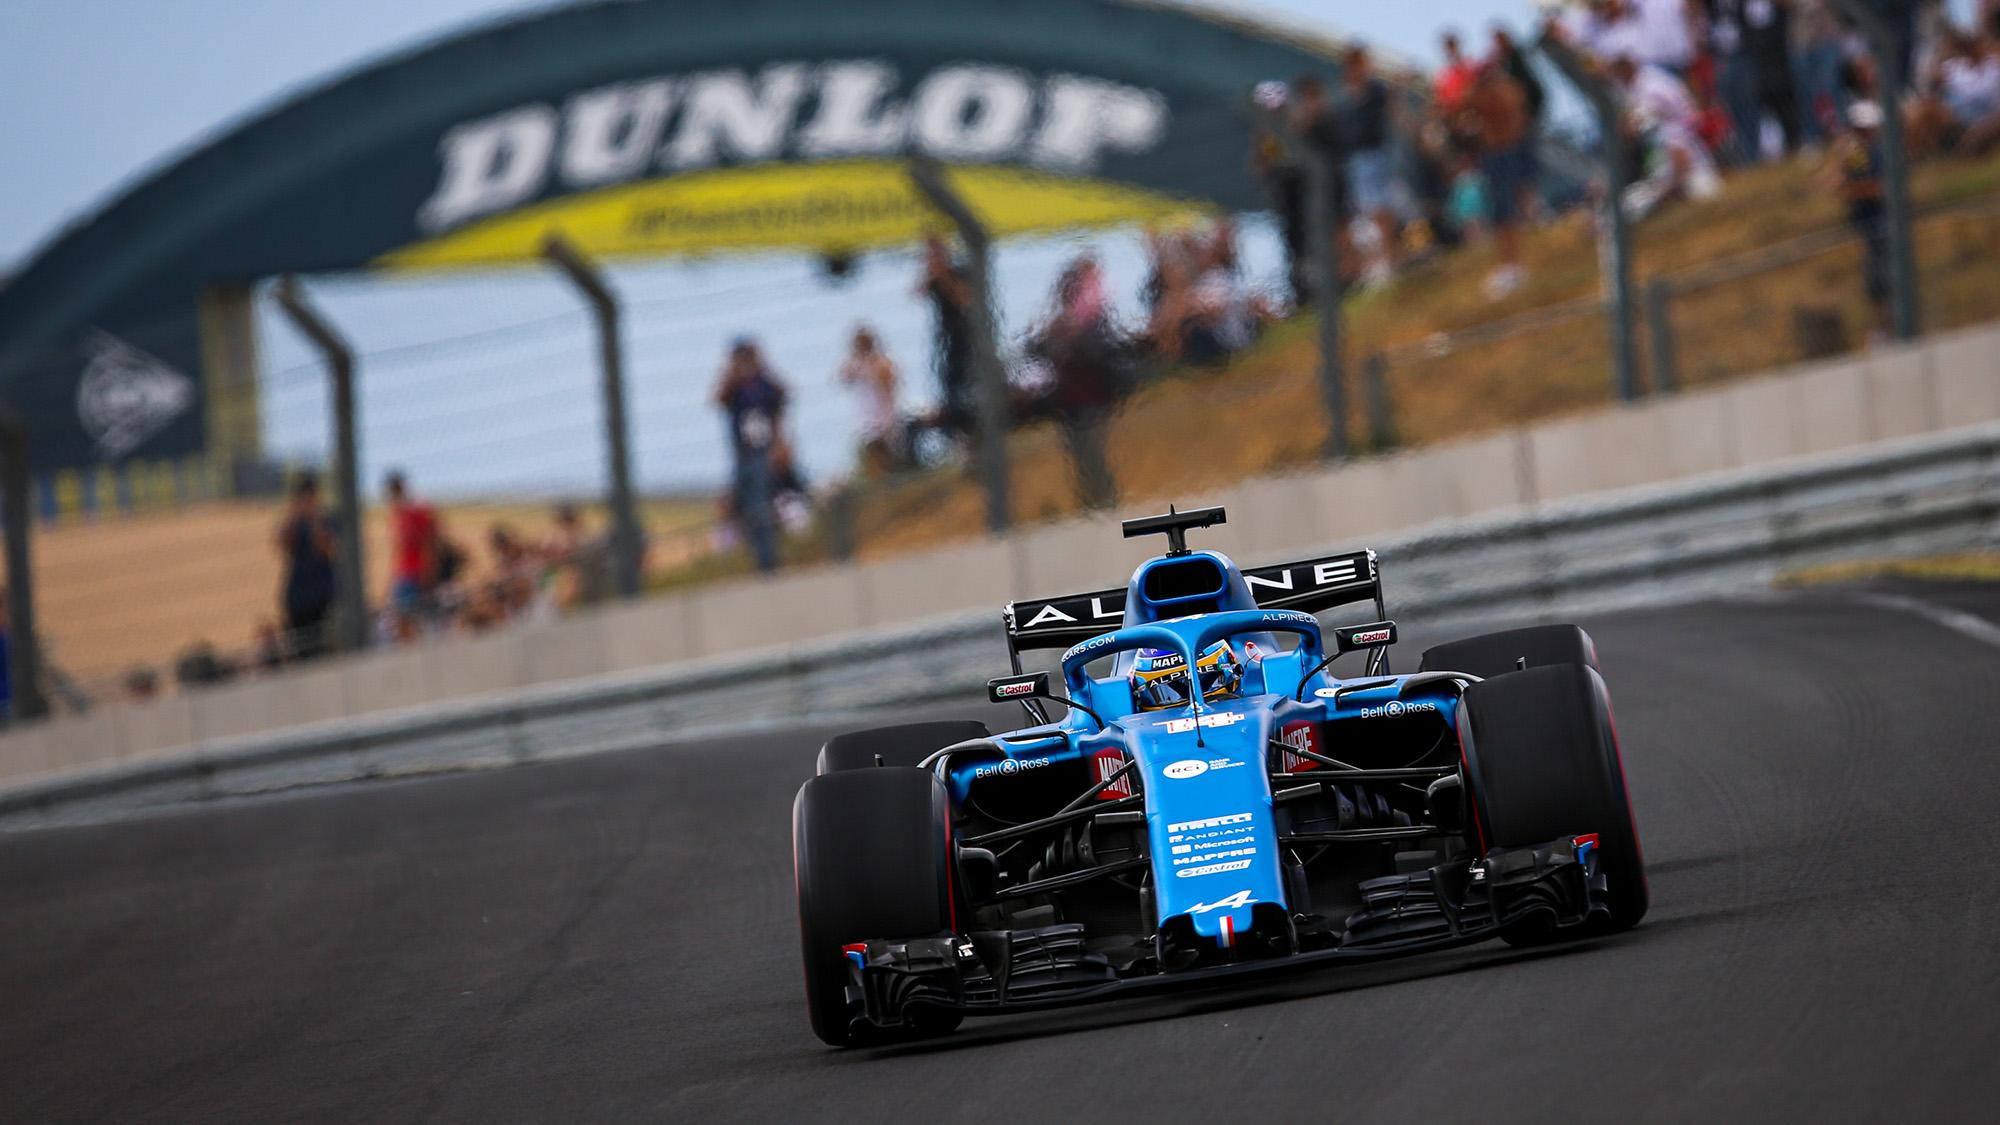 Fernando Alonso in Alpine F1 car in front of Le Mans Dunlop bridge